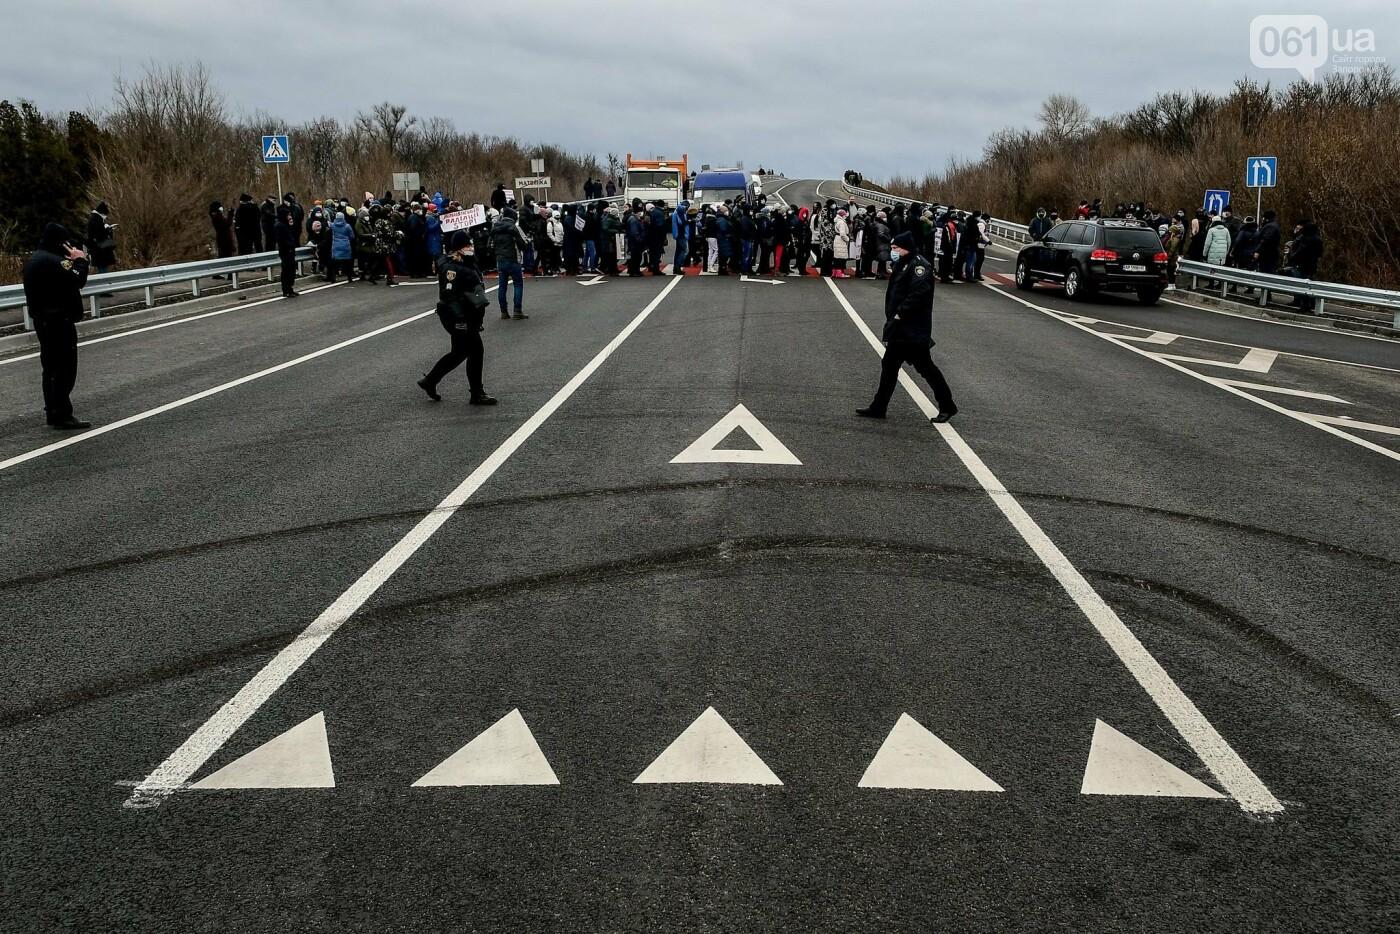 Жители Вольнянска перекрыли трассу и ждут губернатора, - ФОТО, ВИДЕО , фото-13